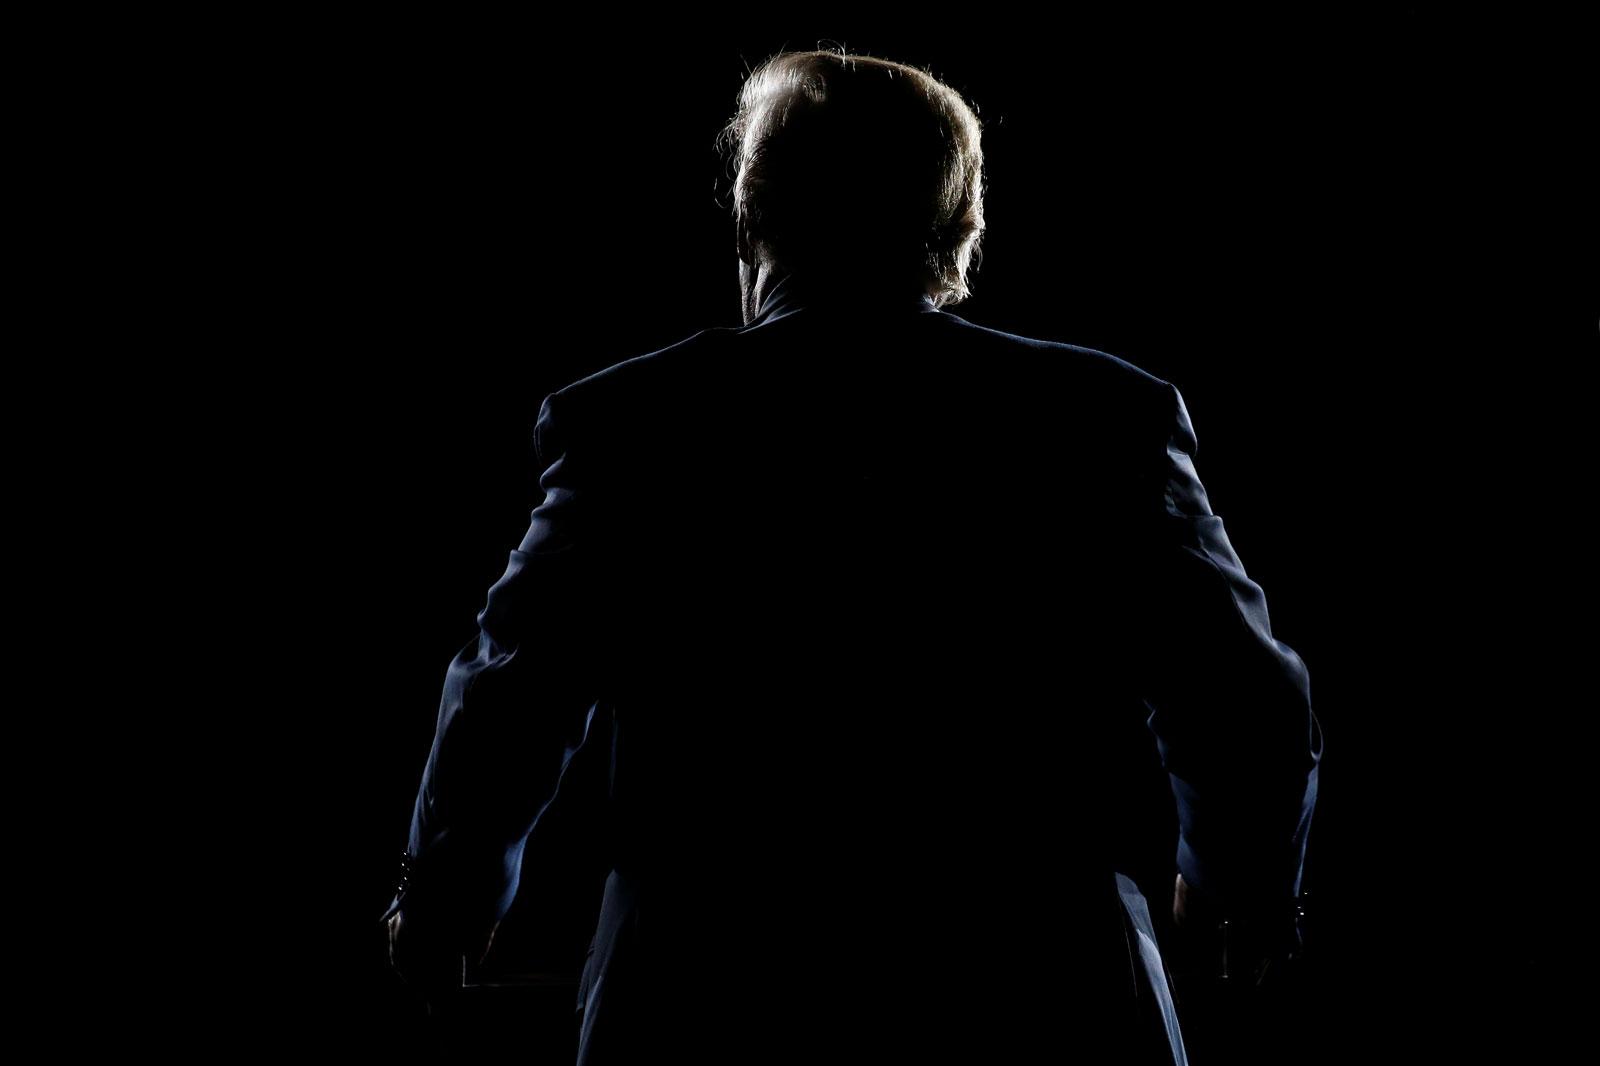 Donald Trump, Albuquerque, New Mexico, October 30, 2016